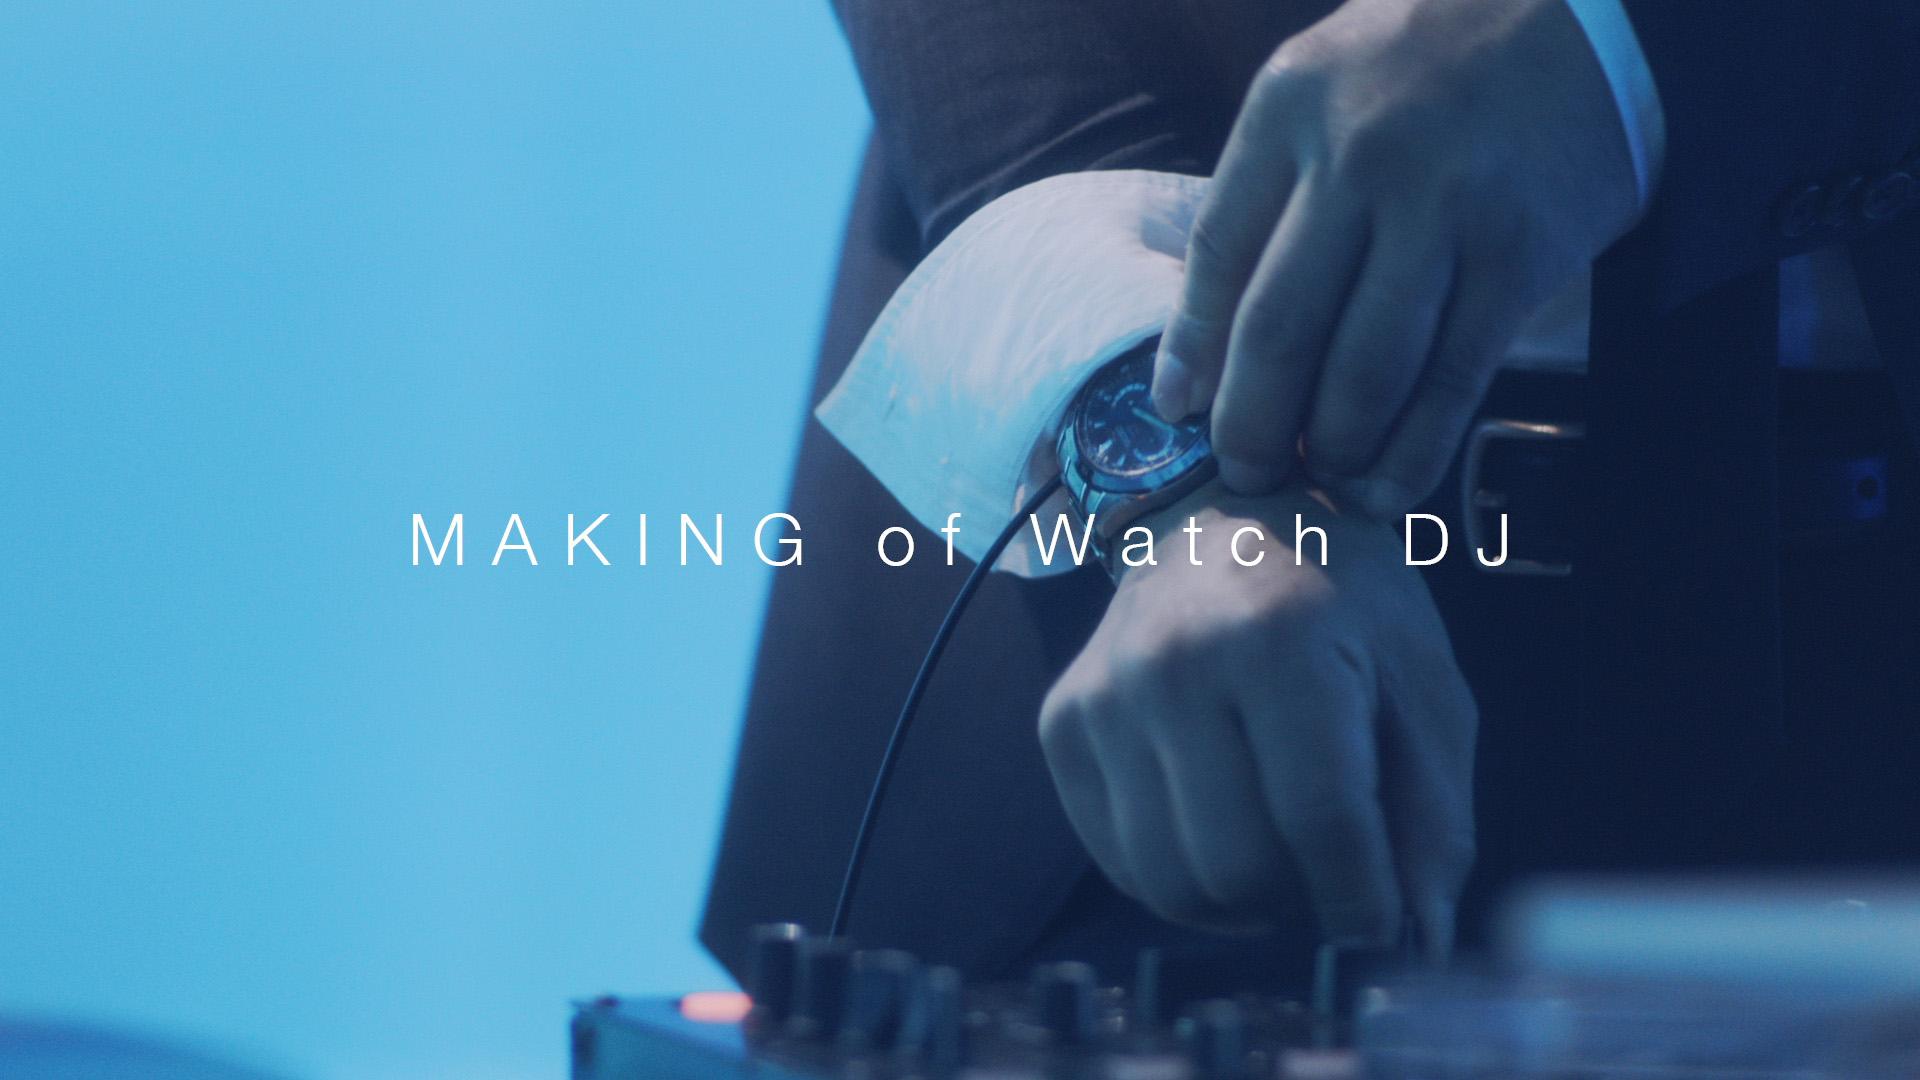 『本物の腕時計でDJプレイに挑戦してみた』動画が合計25万再生突破 仕組みがわかるメイキング動画を新たに公開